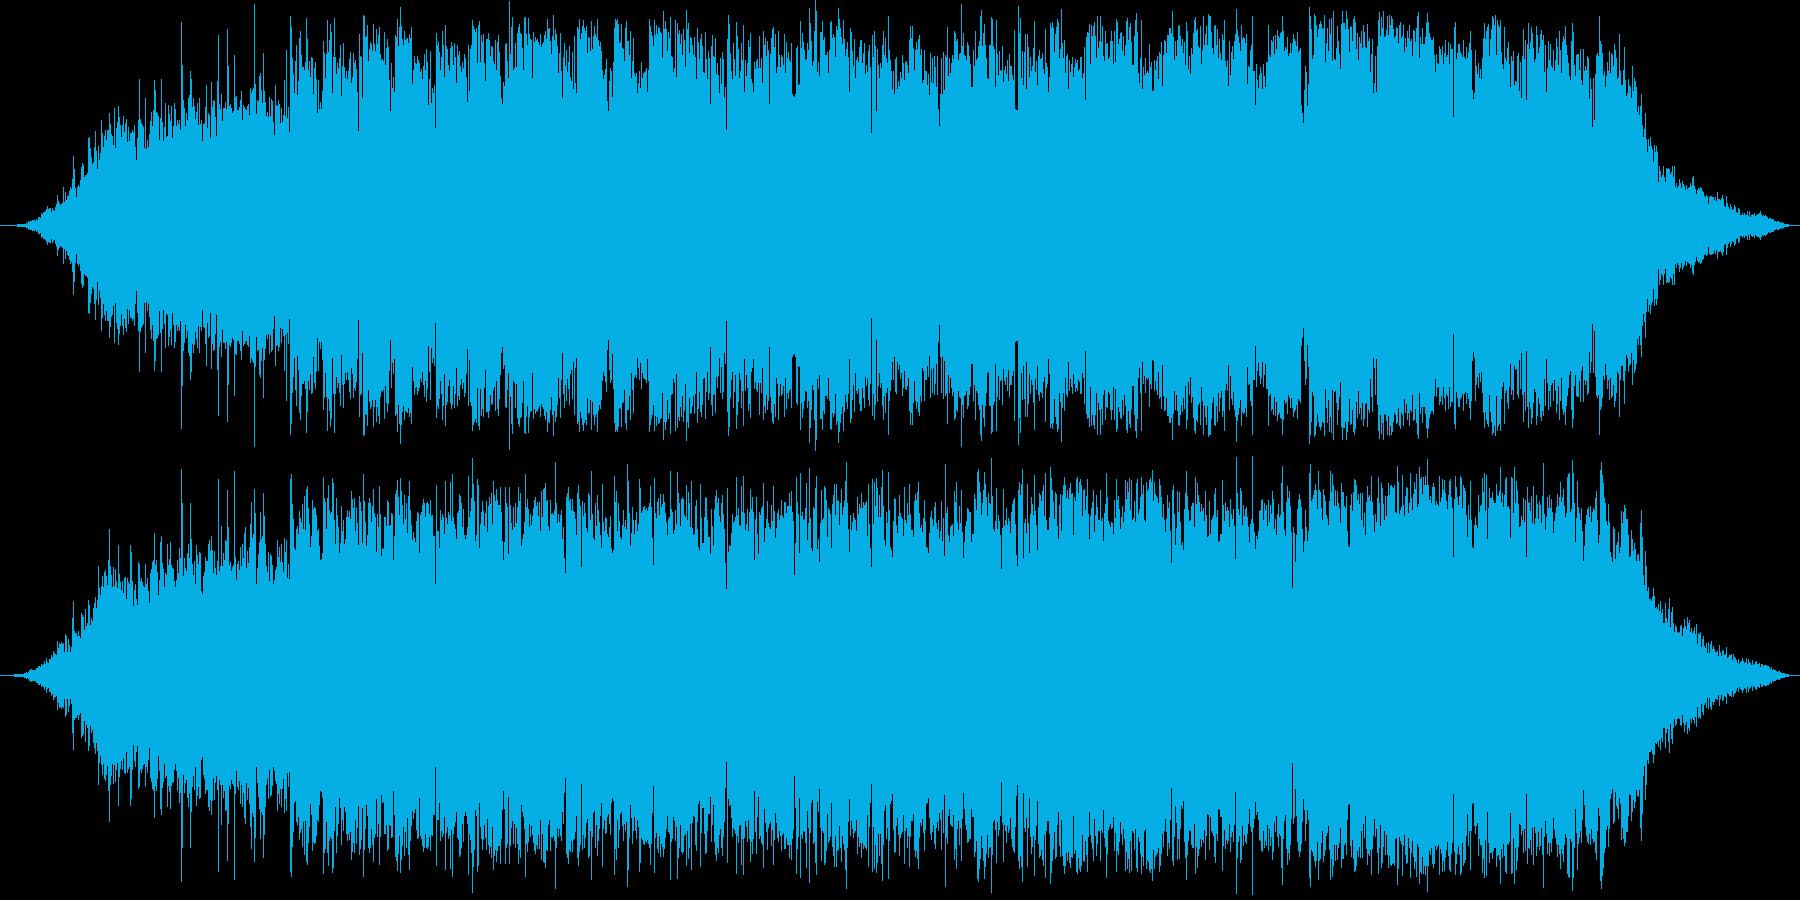 パタゴニアの冬を表現した音楽の再生済みの波形